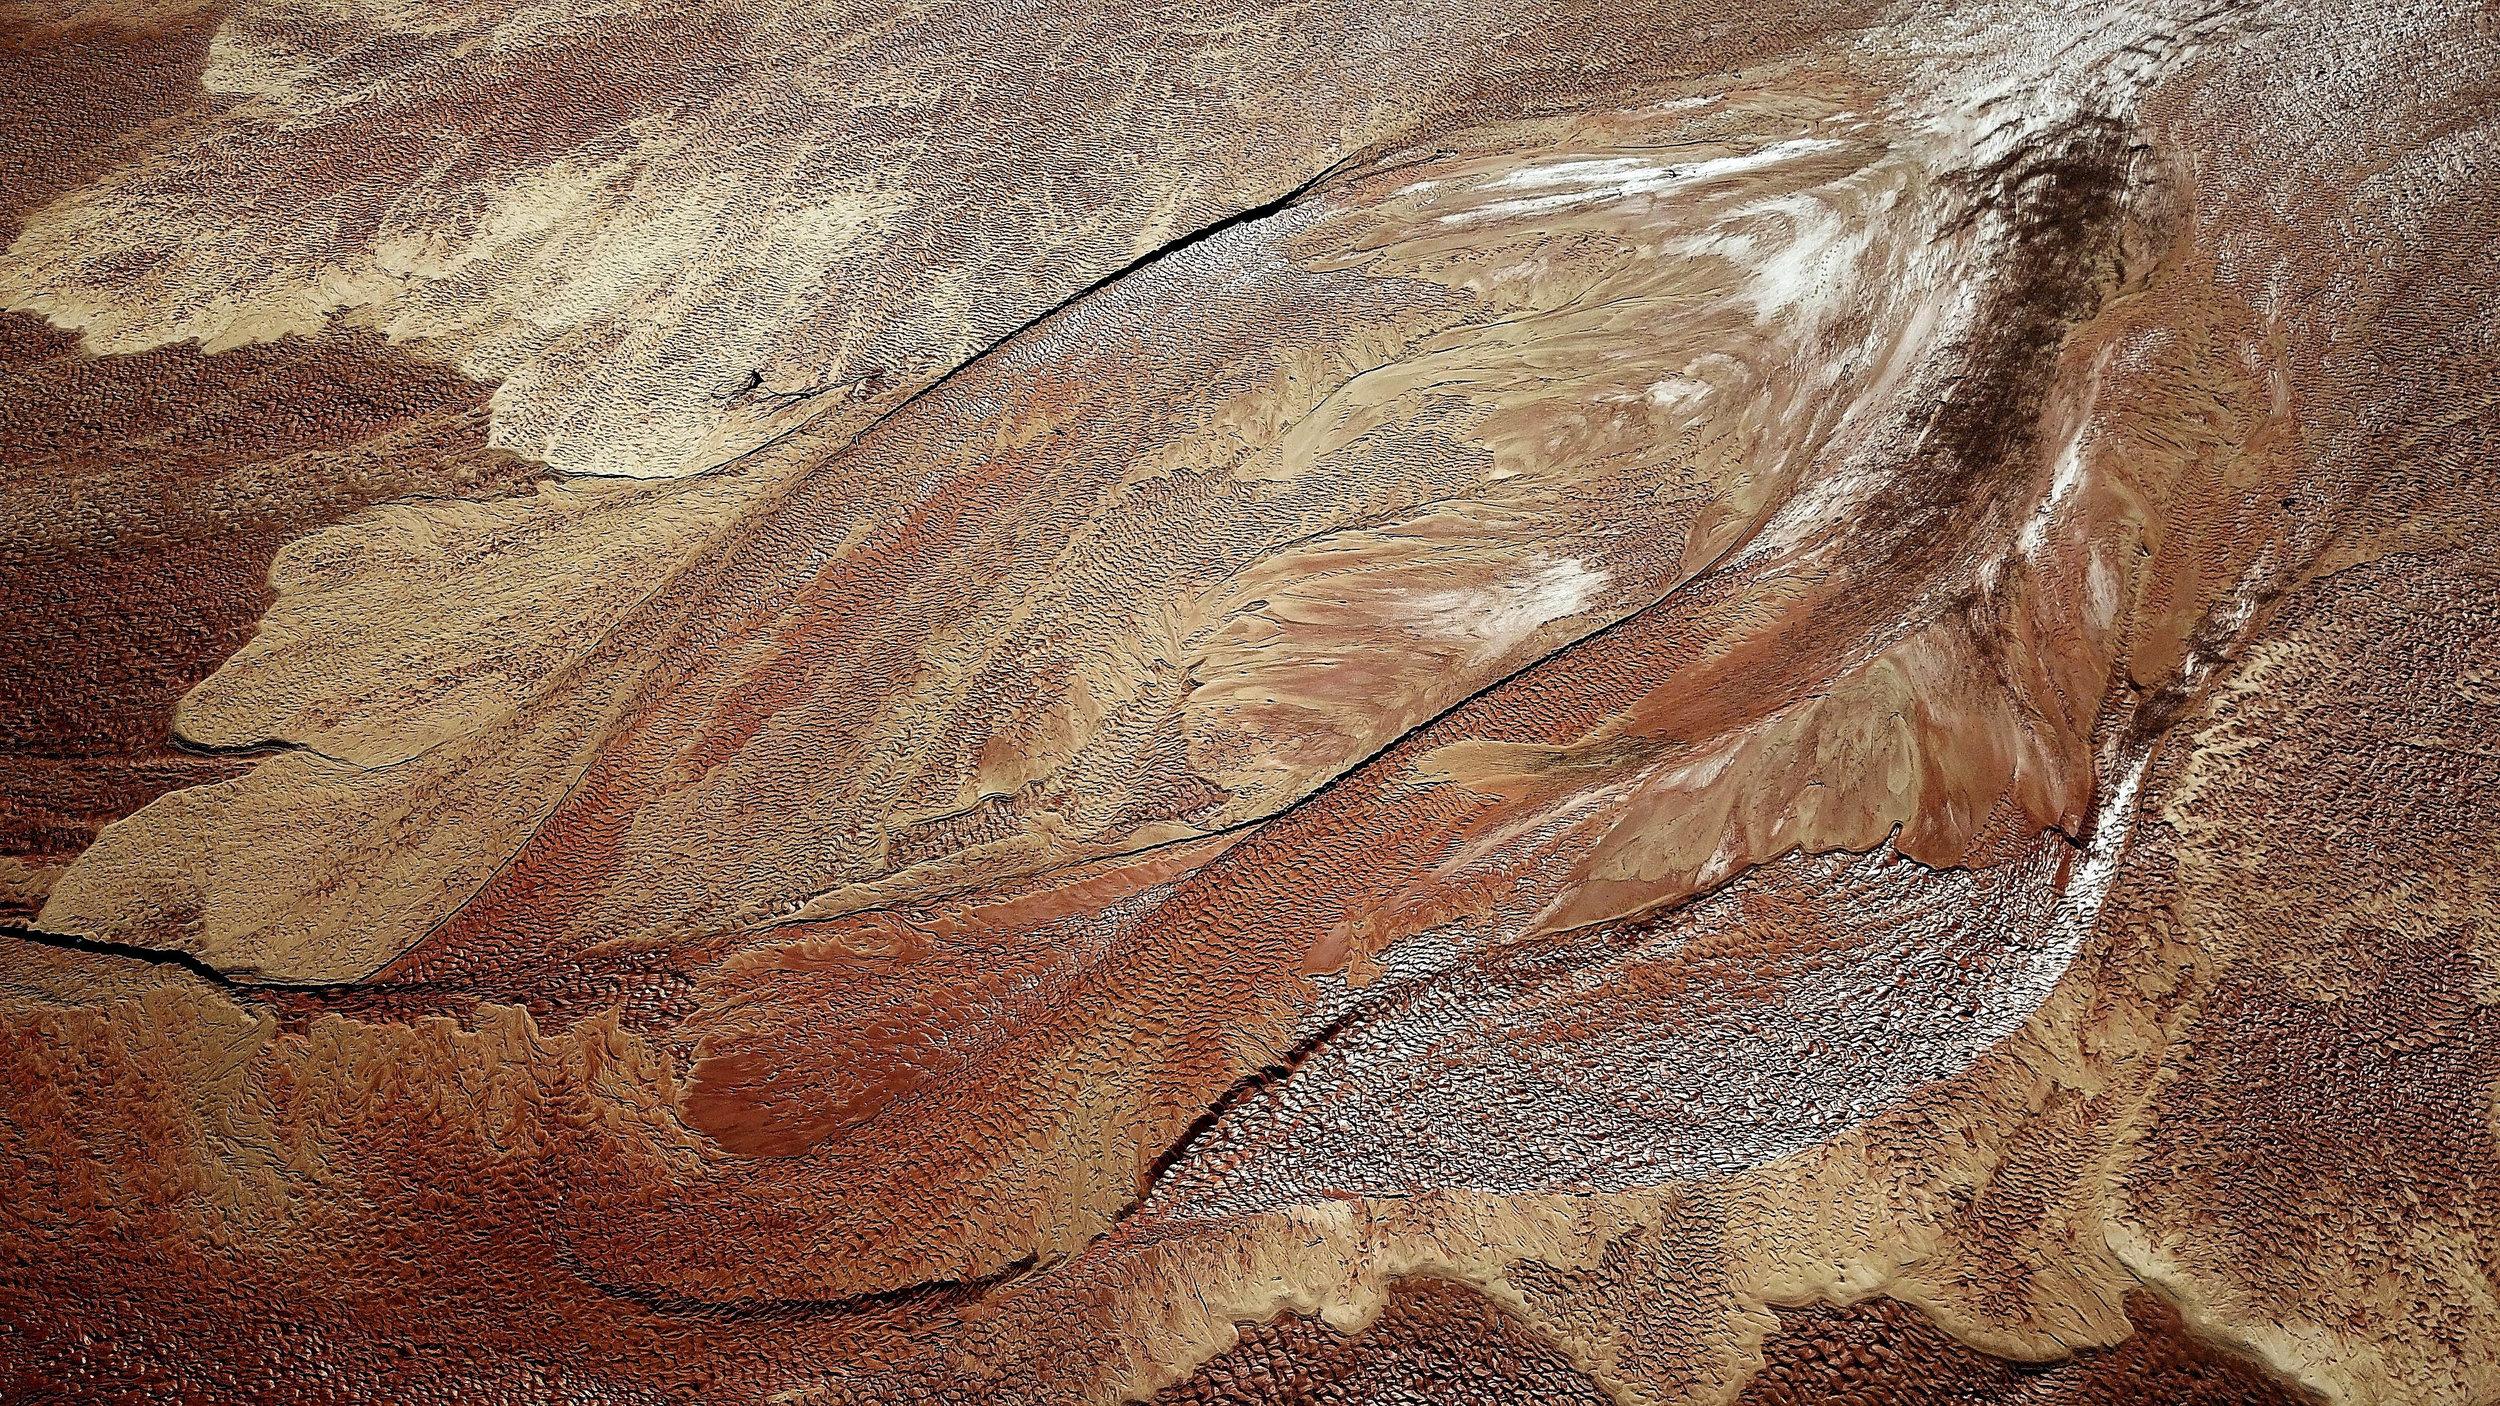 DJI_0004 Red River.jpg